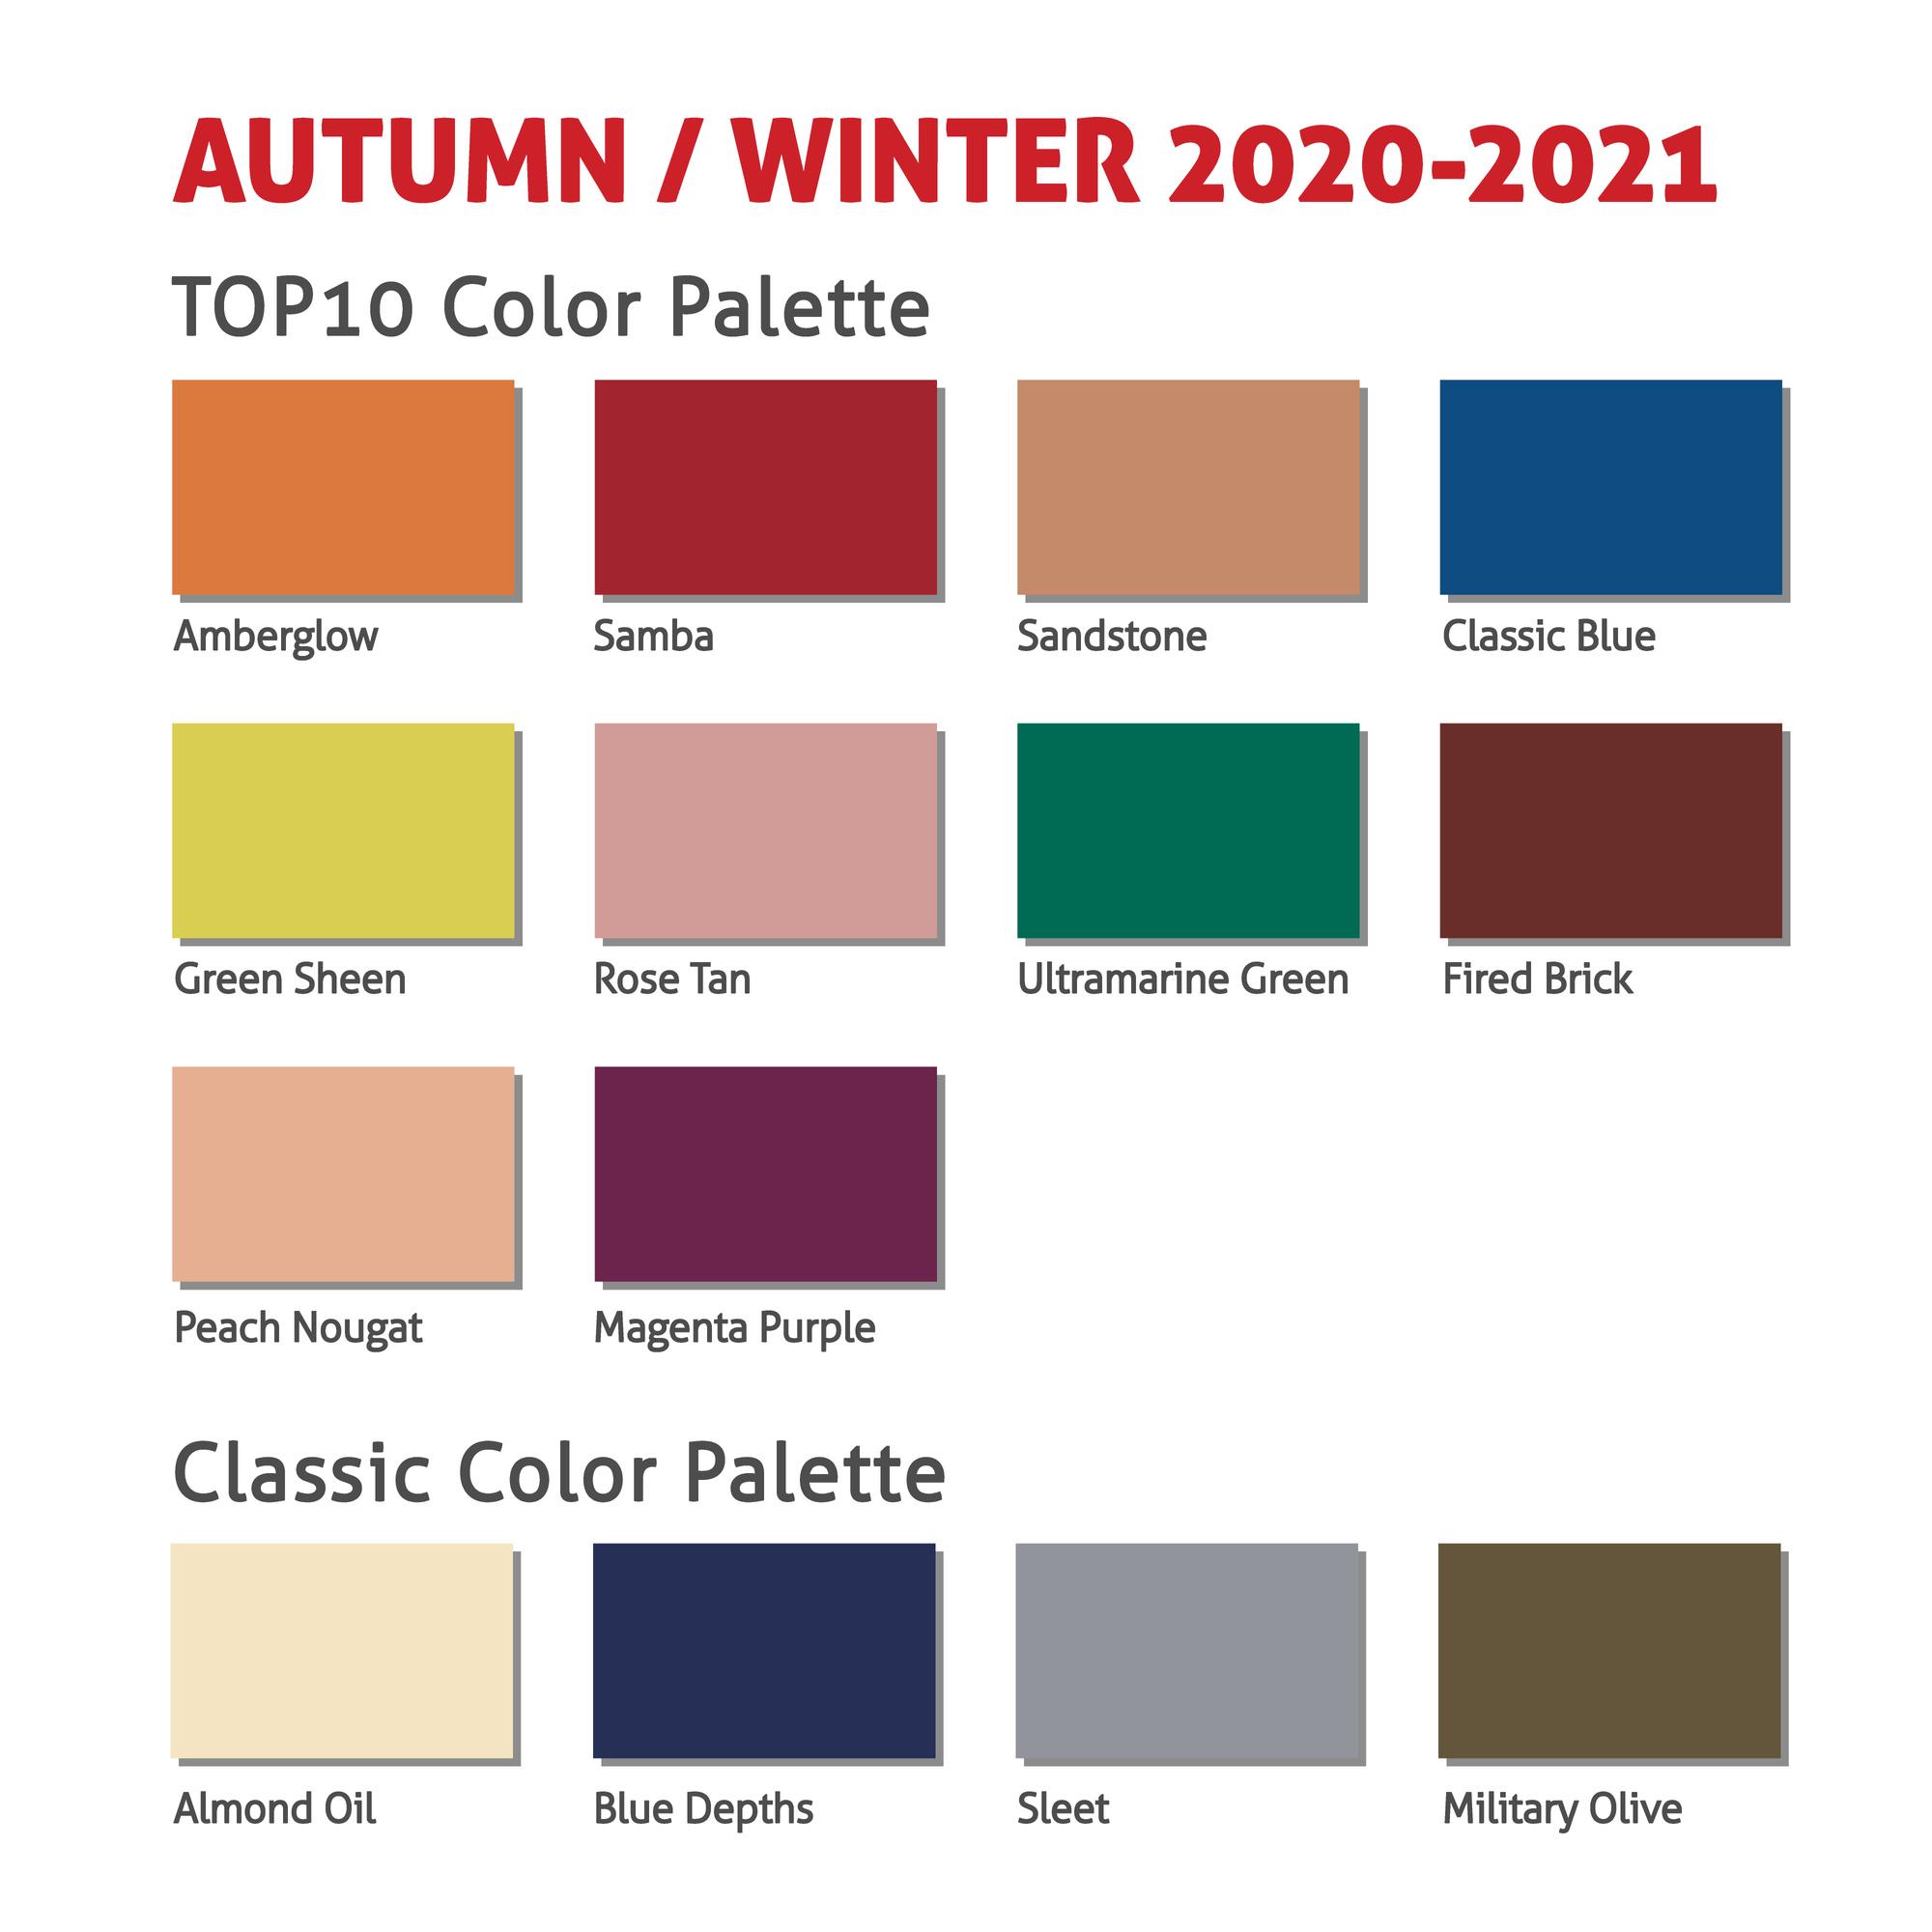 Herfst- en winterkleuren 2020-2021